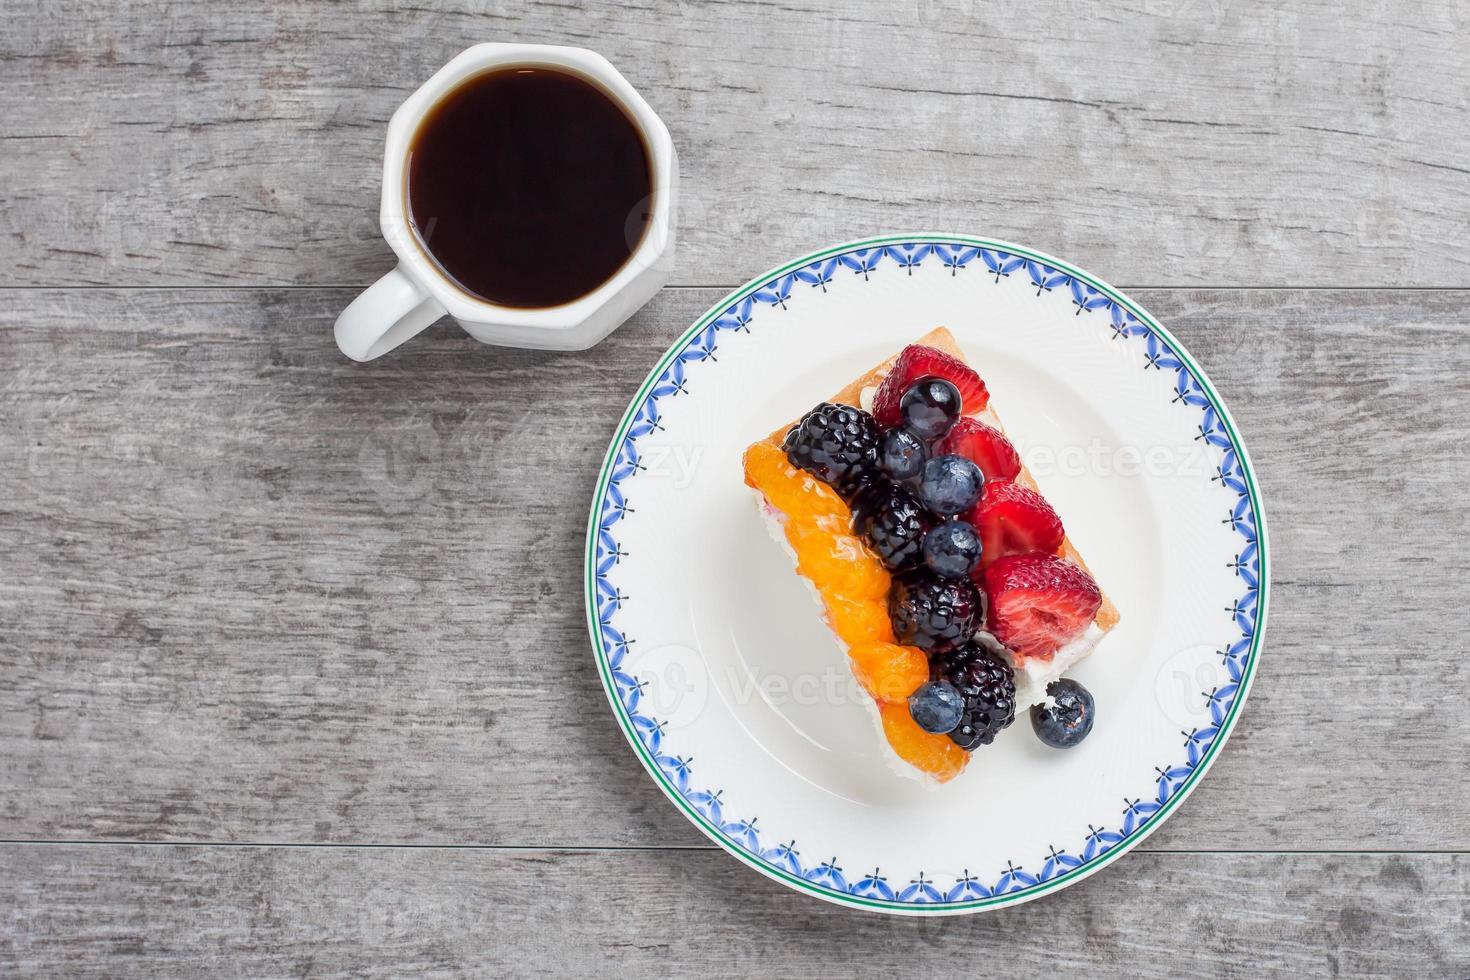 torta de frutas no prato servido com café foto